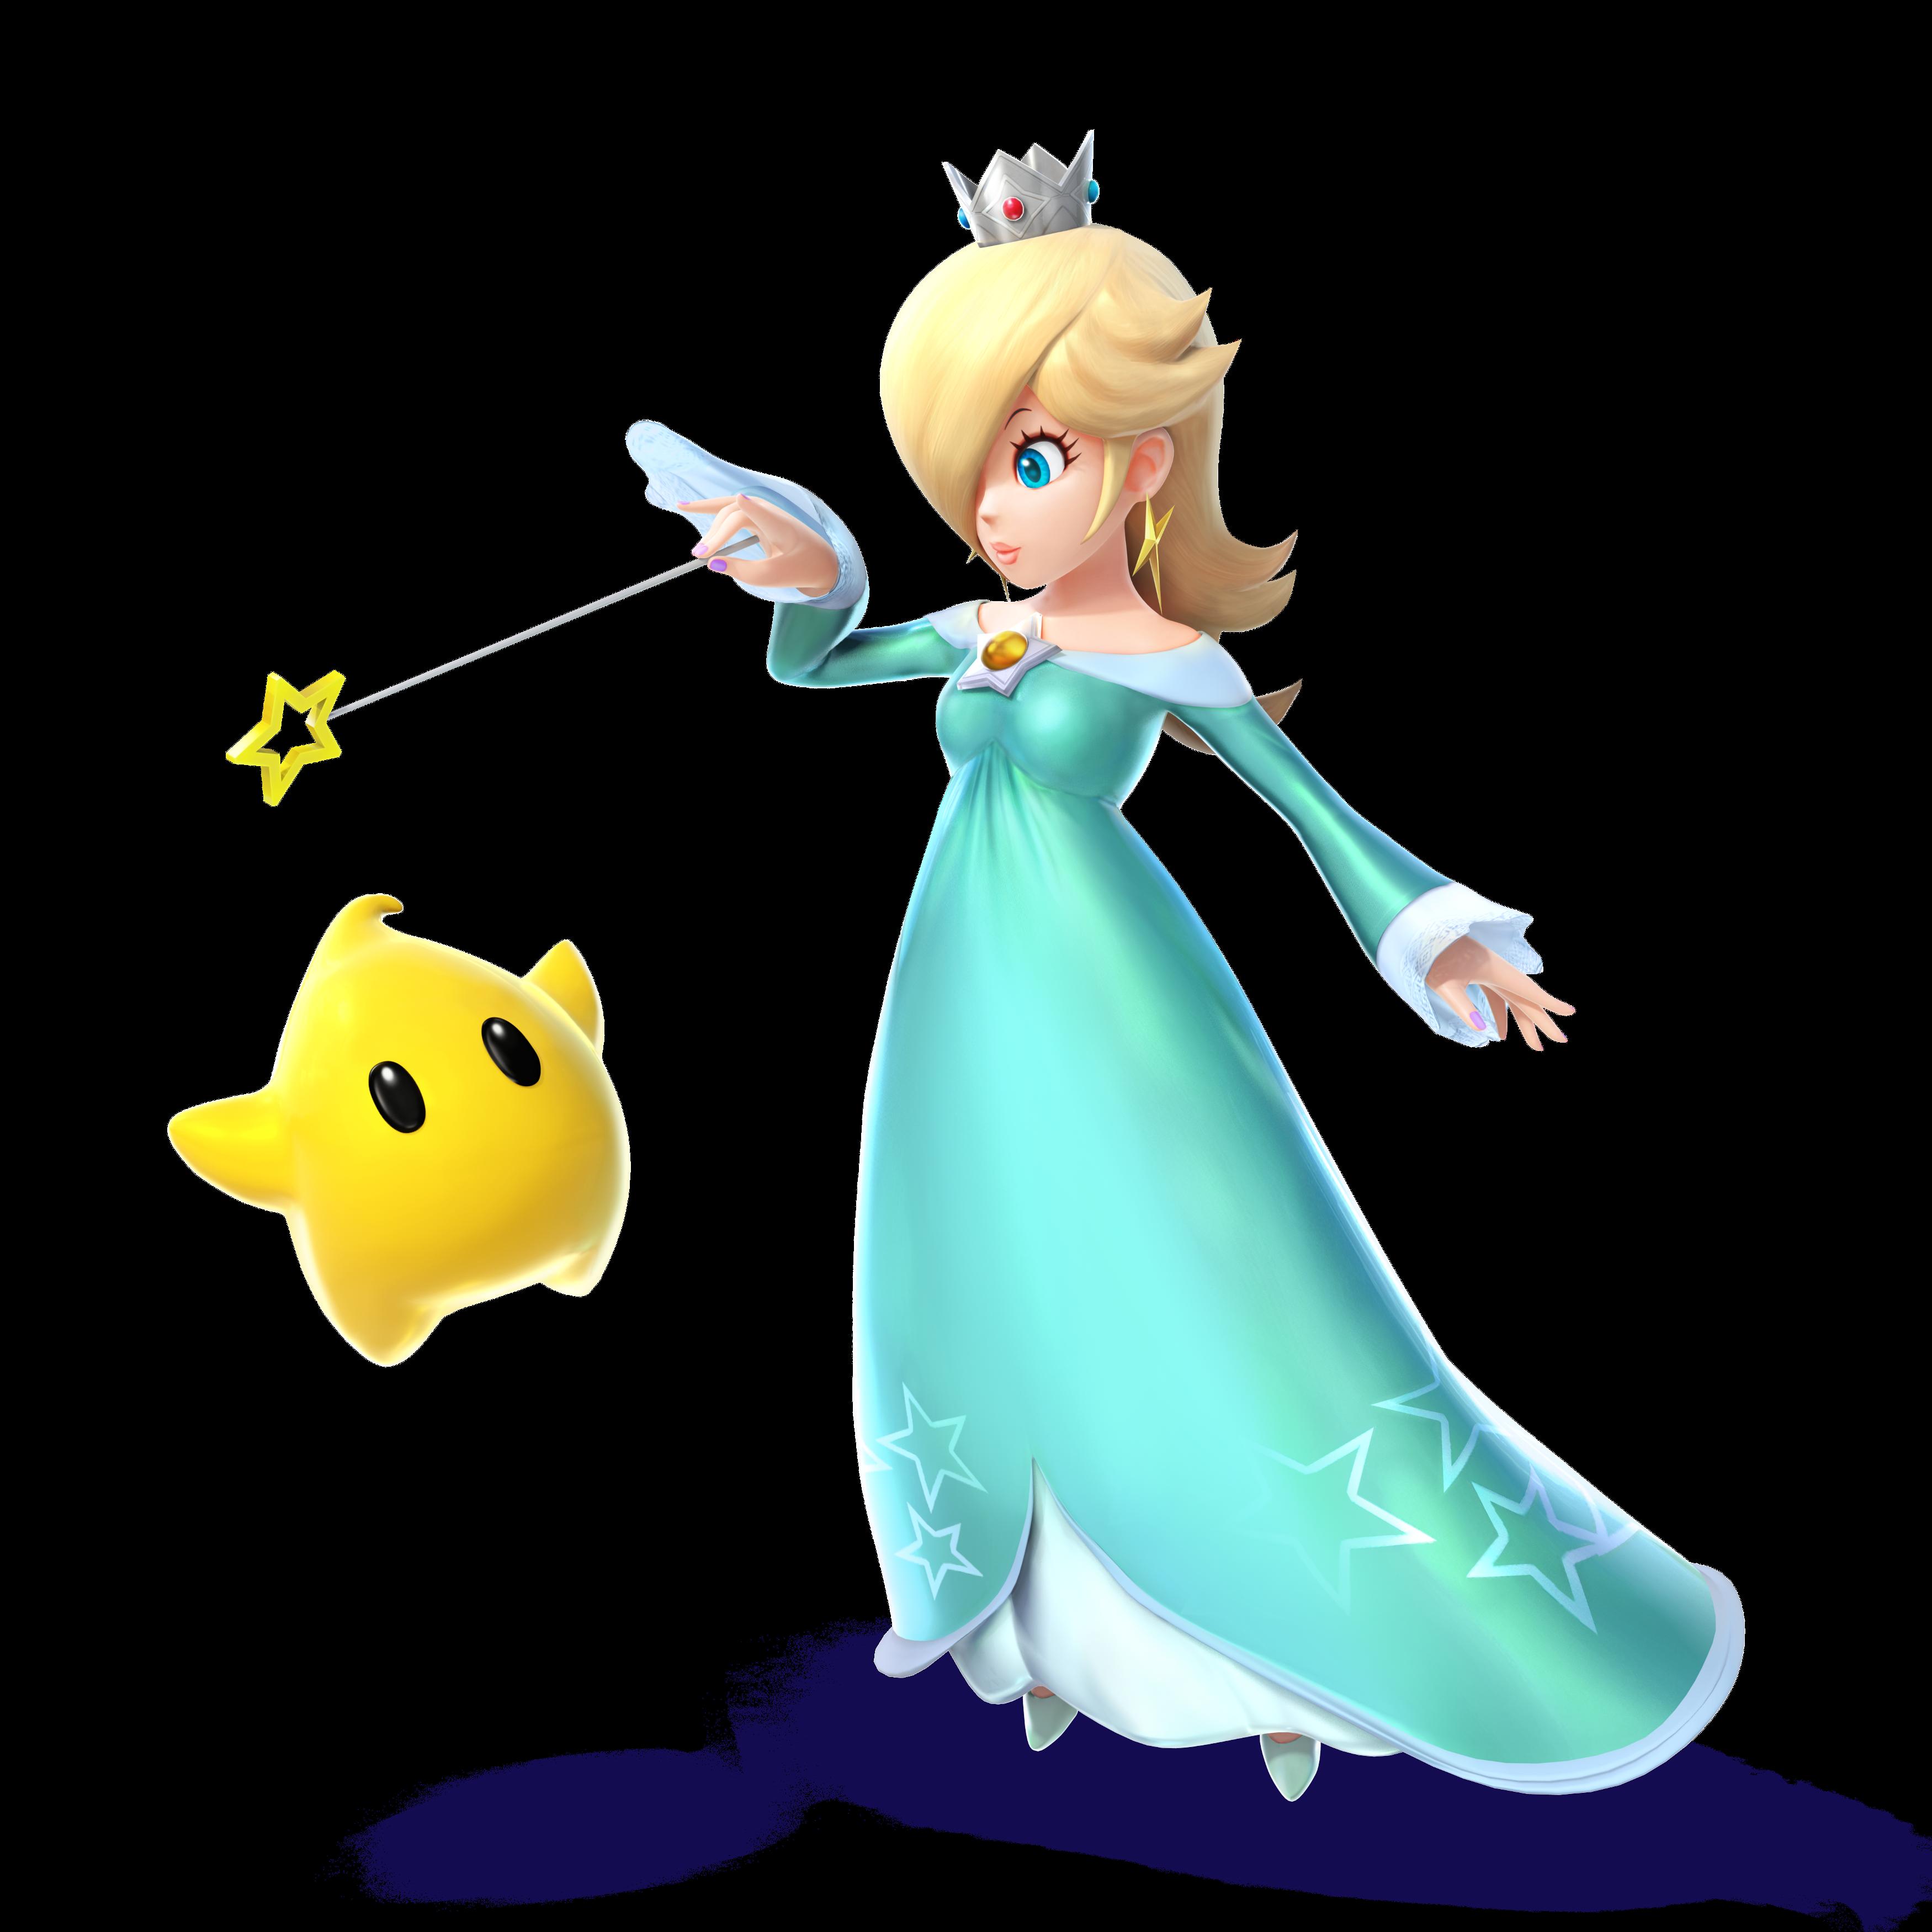 SSB4_Rosalina_Artwork.png (3500×3500) | Princess Rosalina (Mario ...